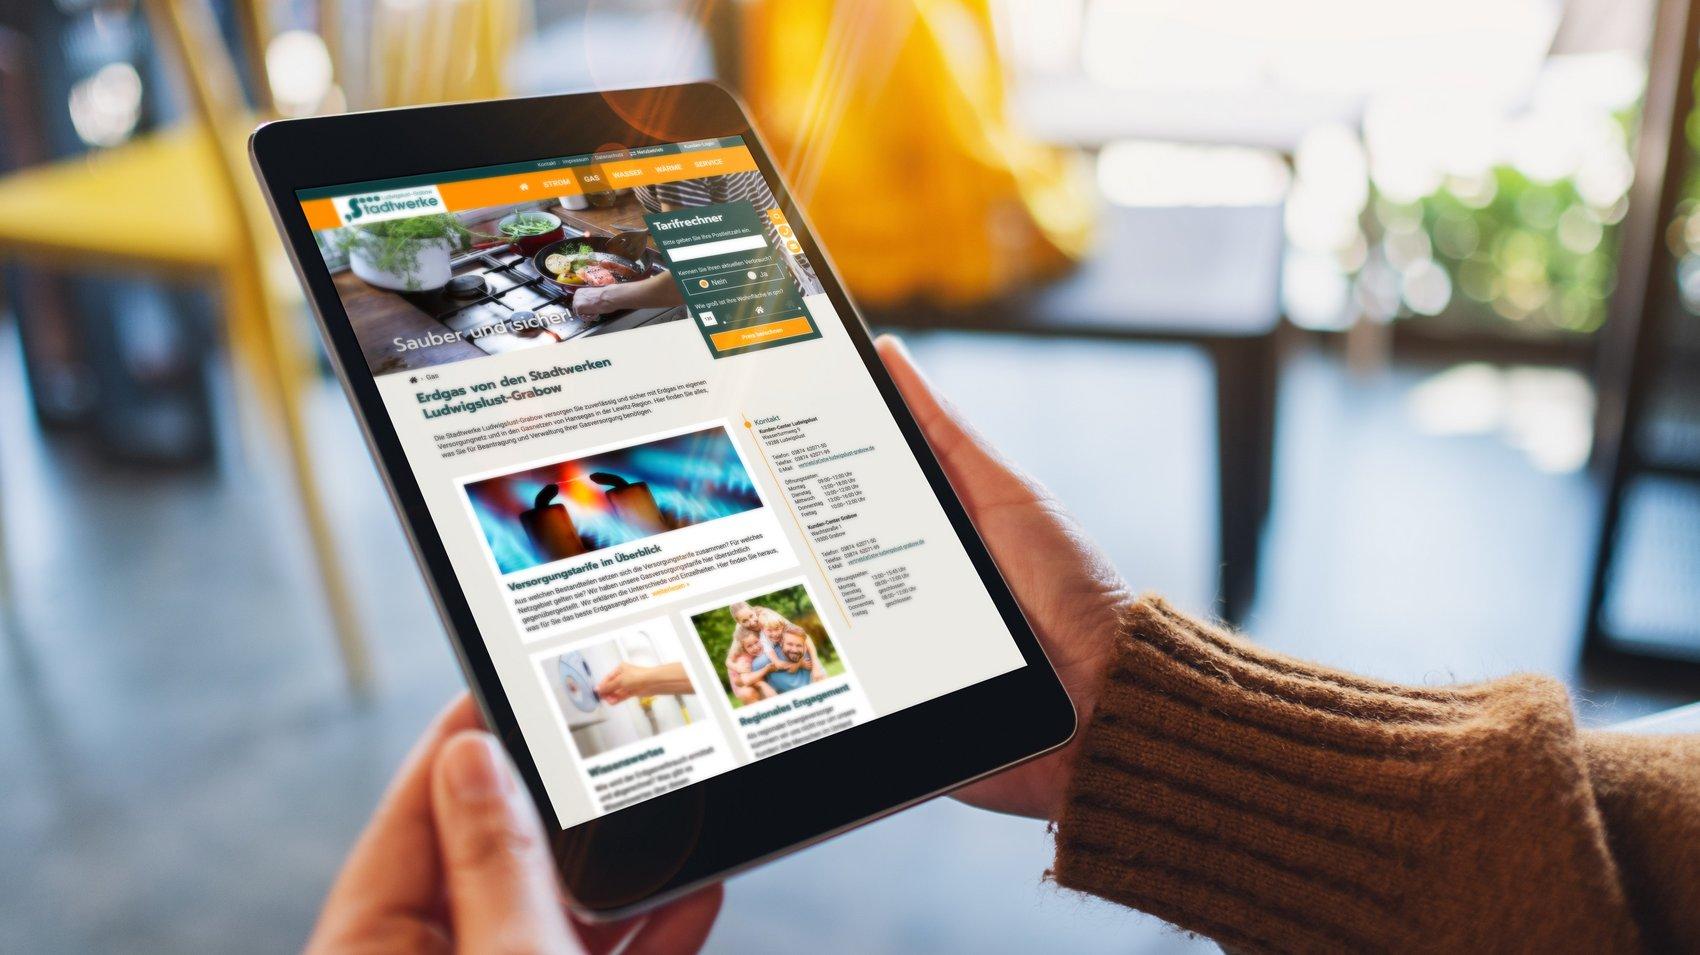 Website-Relaunch – Damit gehen dem Energieversorger jetzt noch mehr Kunden ins Netz.